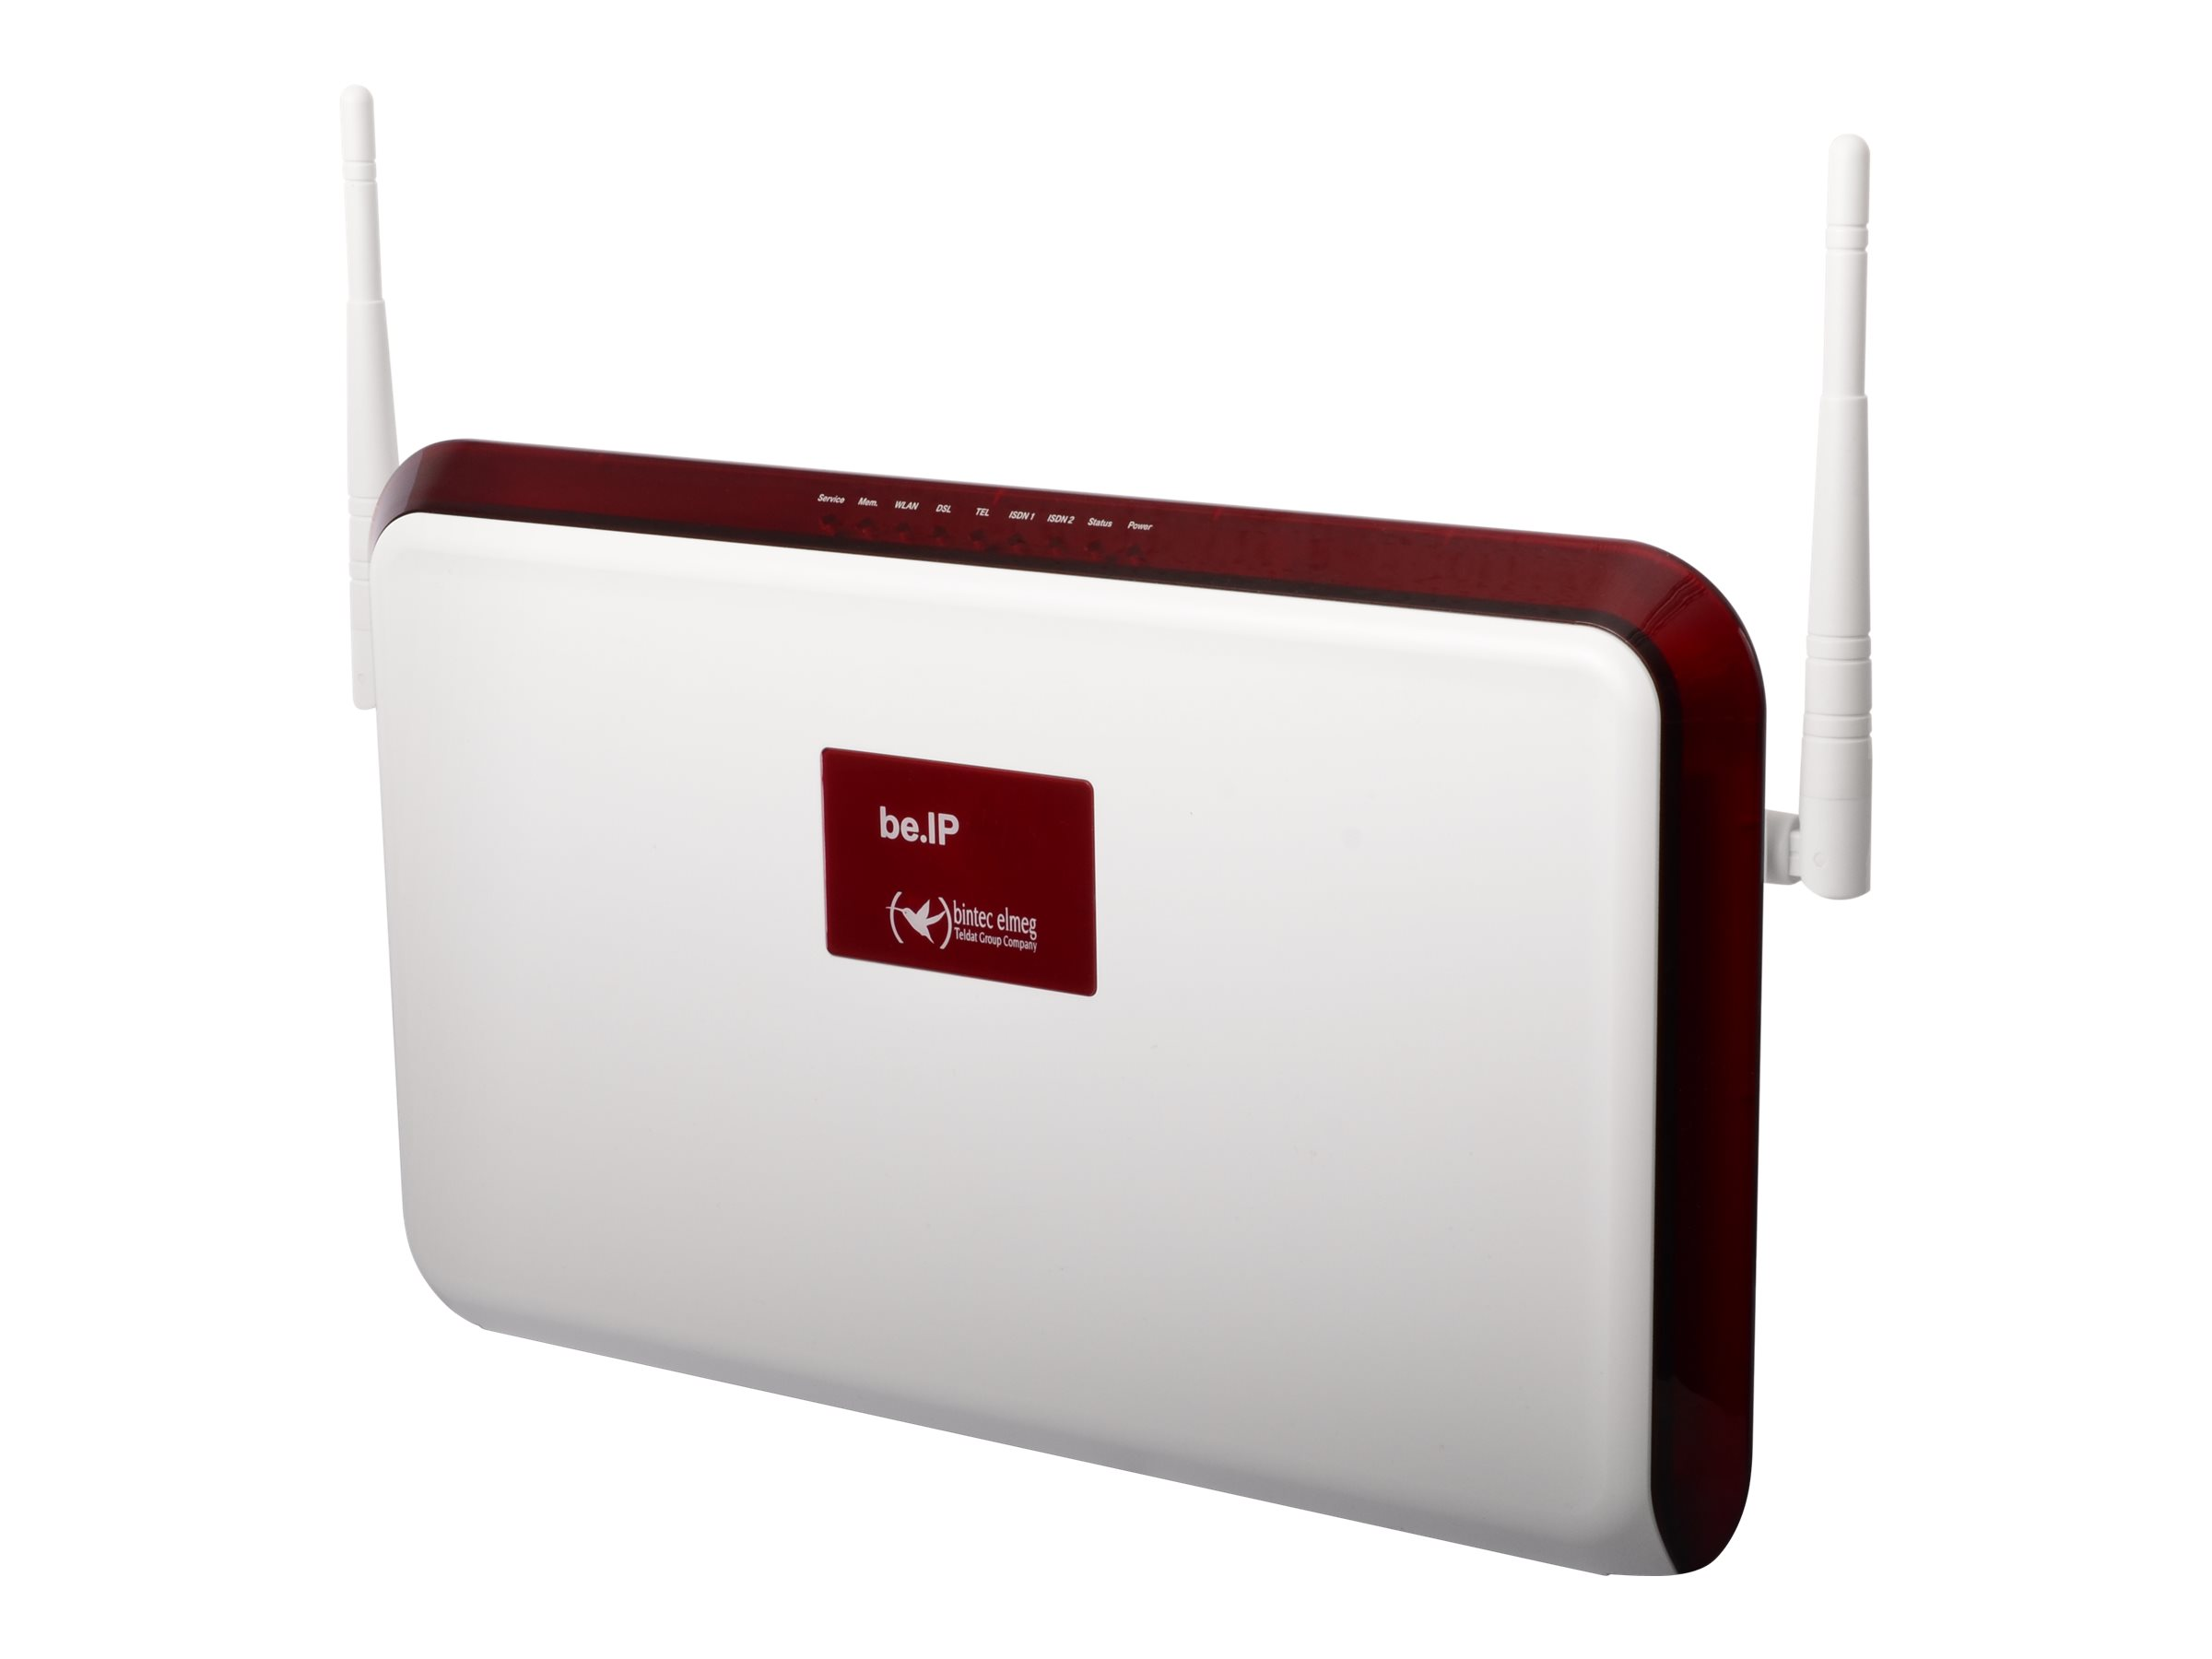 bintec elmeg be.IP - Wireless Router - DSL-Modem